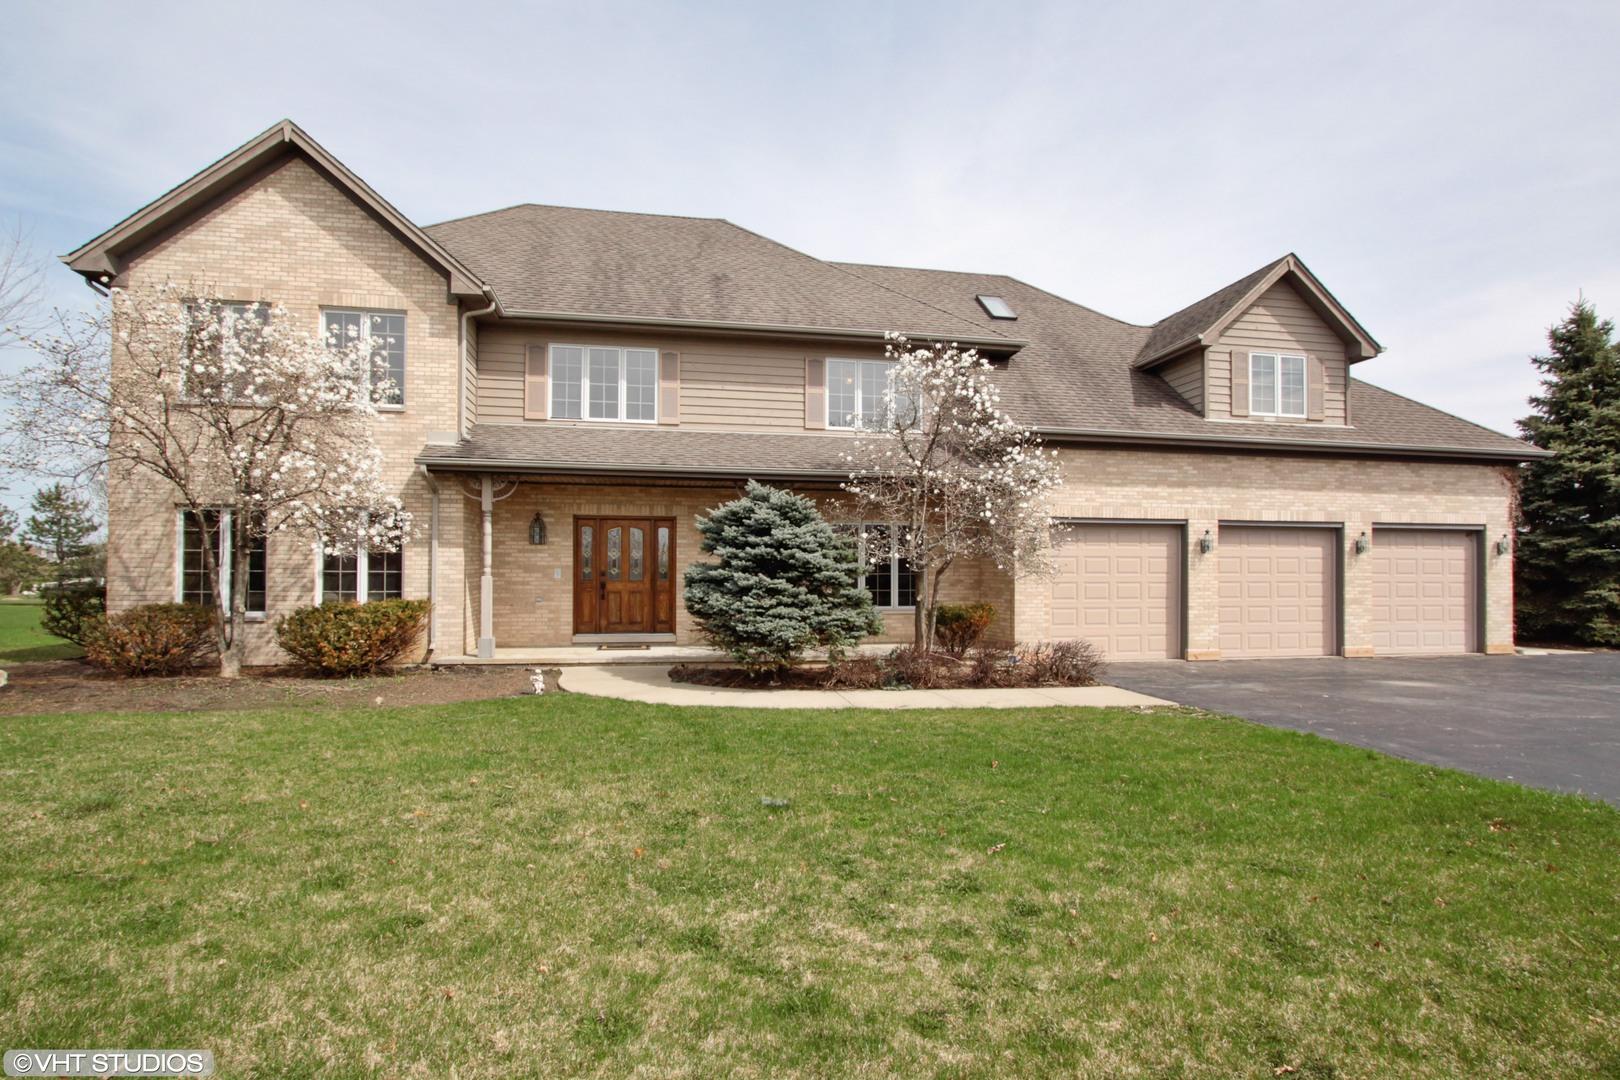 25339 North Northbridge Road, Hawthorn Woods, Illinois 60047